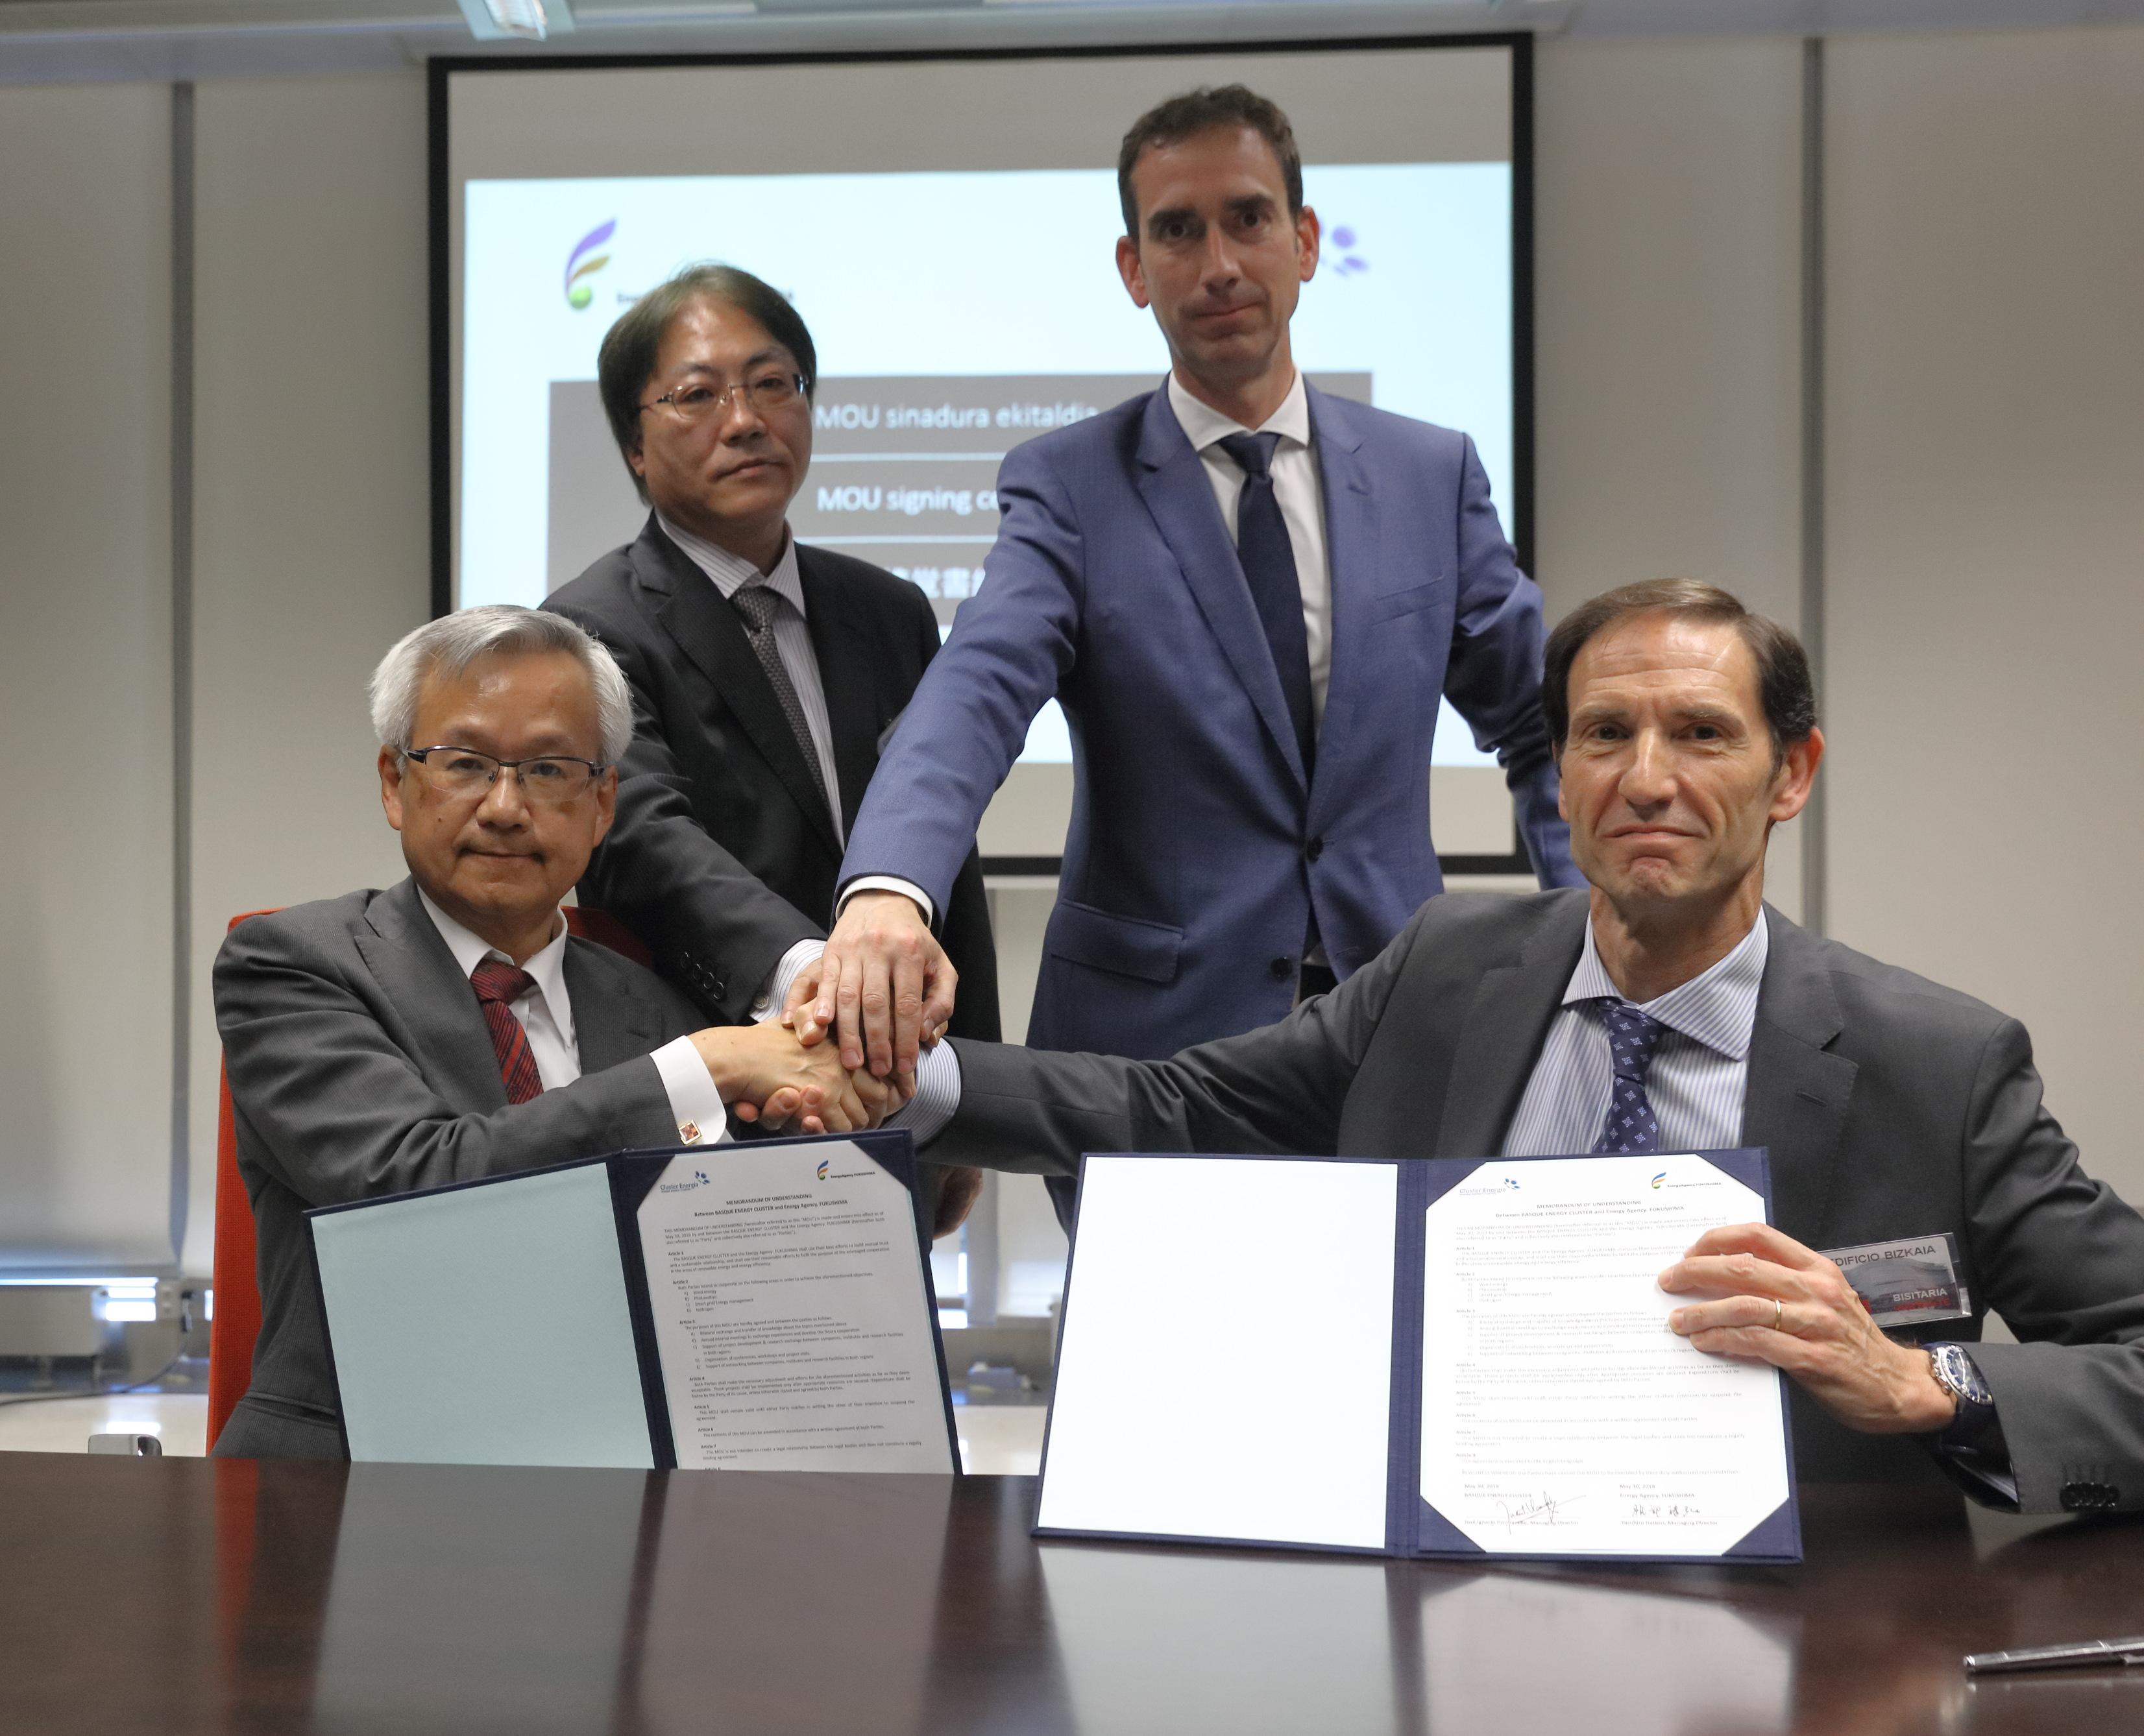 Acuerdo_Fukusima_011.JPG